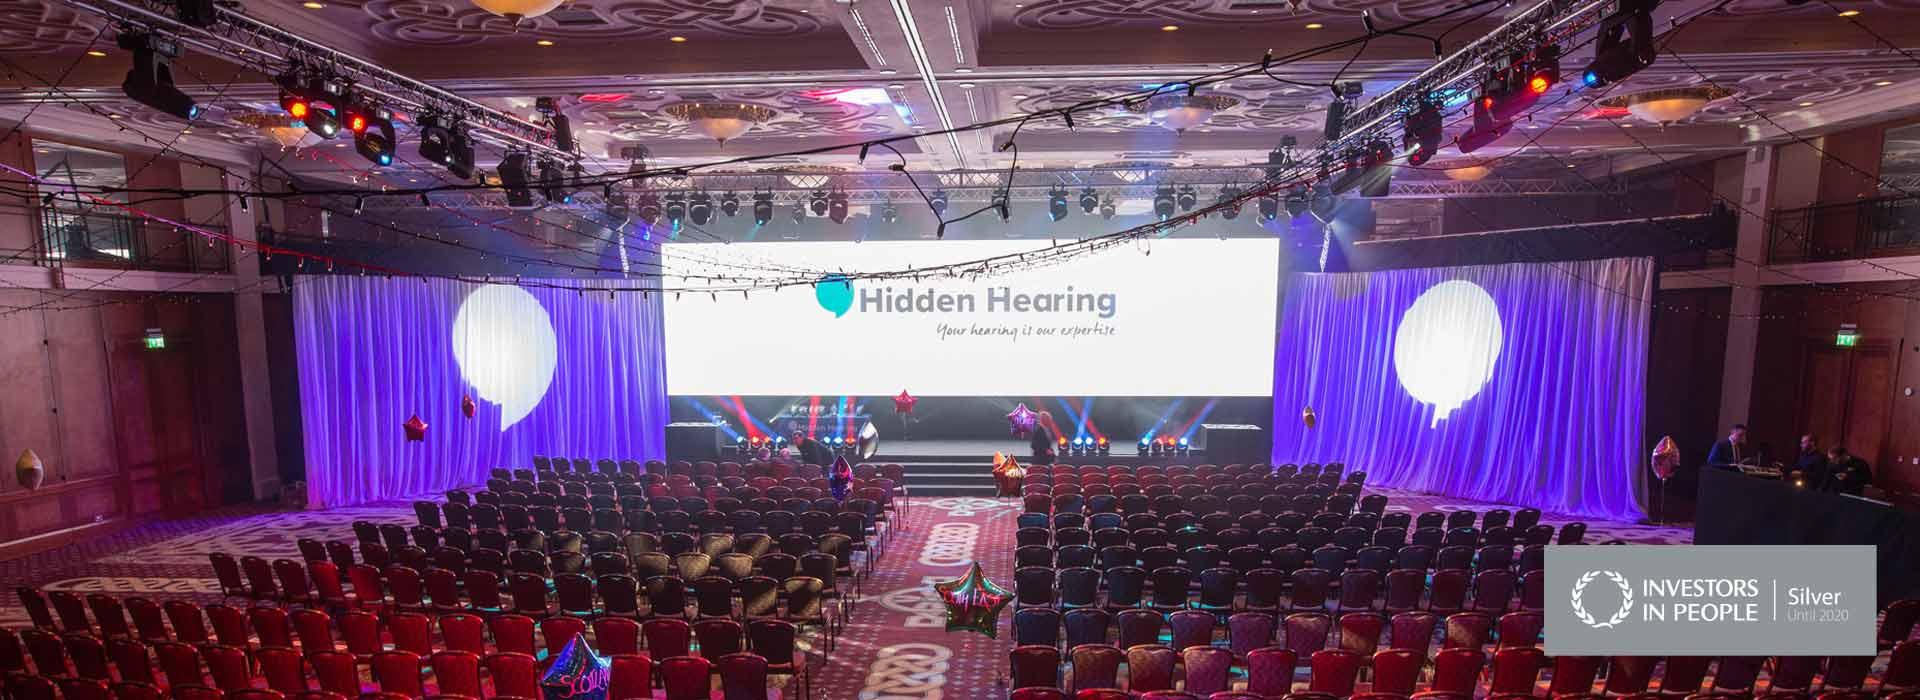 hr-banner3-conference